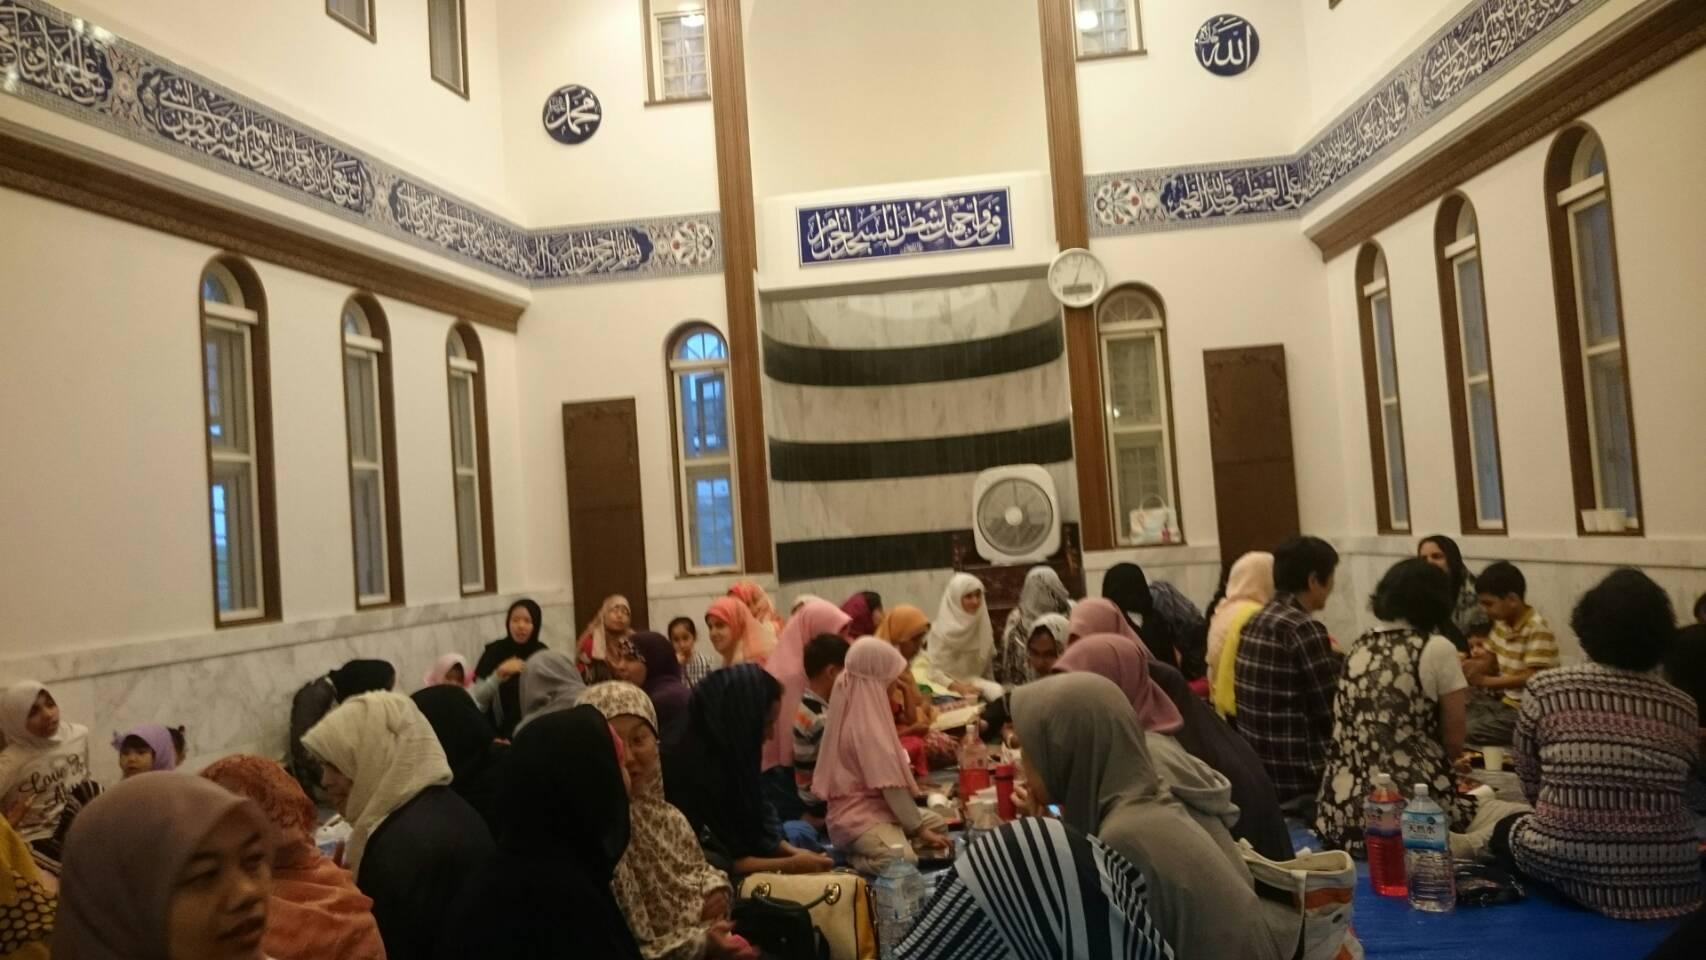 https: img.okezone.com content 2017 06 21 18 1721978 komunitas-muslim-di-jepang-bernostalgia-kuliner-negara-asal-saat-buka-puasa-bareng-PWGXJaVFZh.jpg